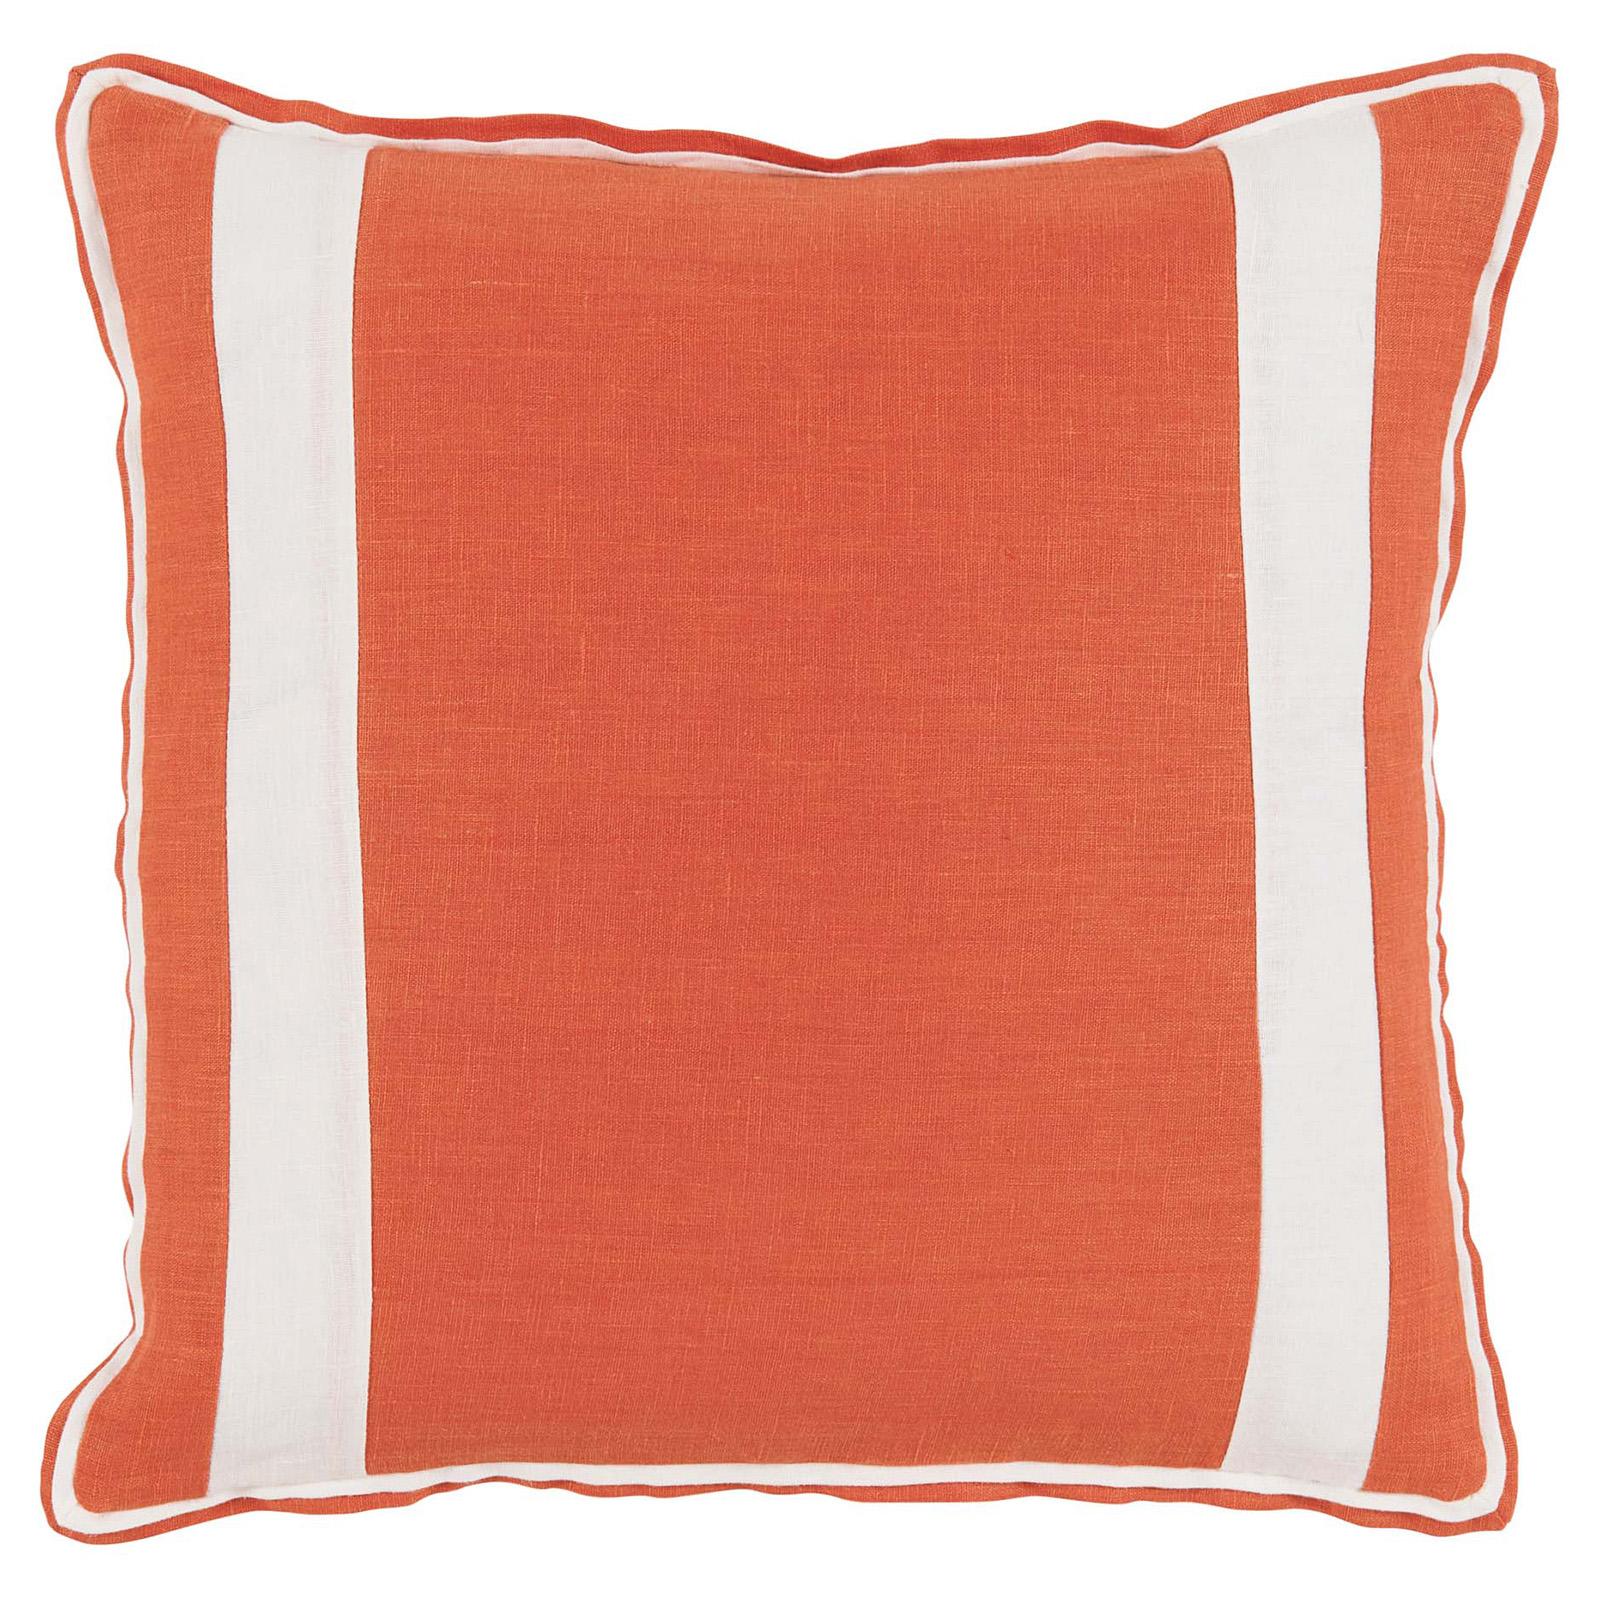 Bobbi Modern Classic Bold Stripe Orange Linen Pillow - 20x20